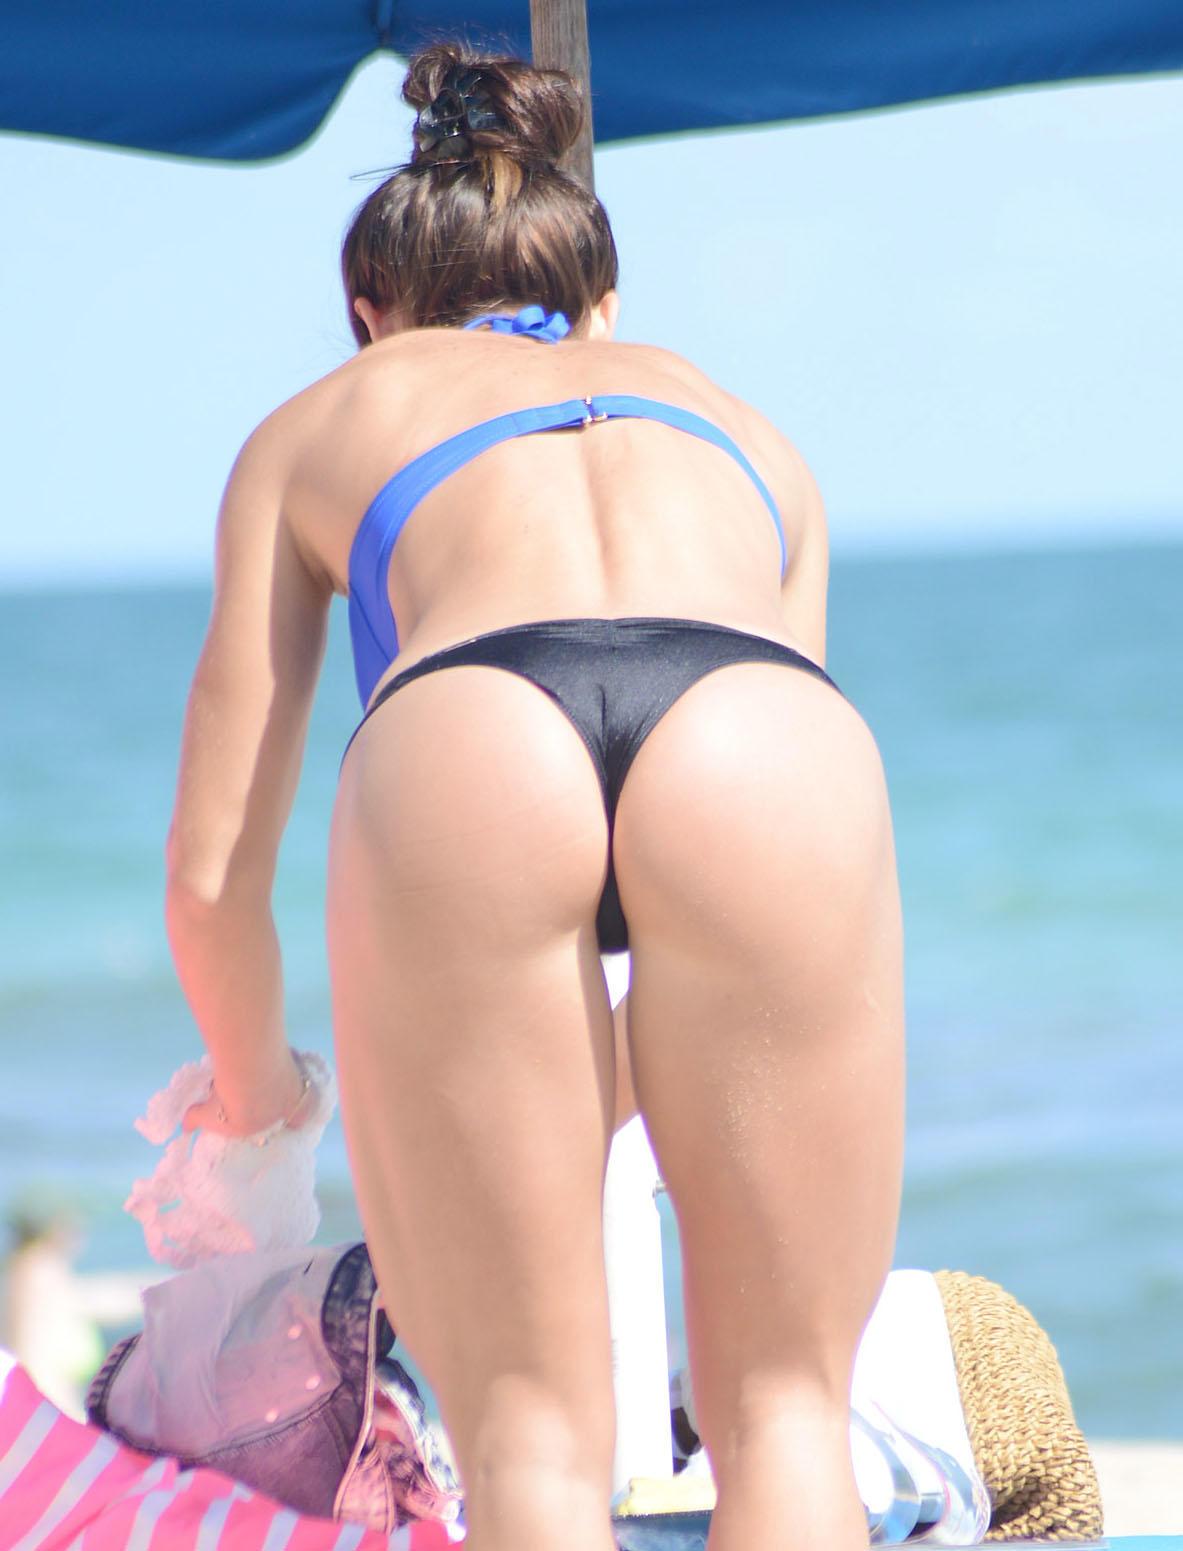 michelle-lewin-bikini-ass-miami-9